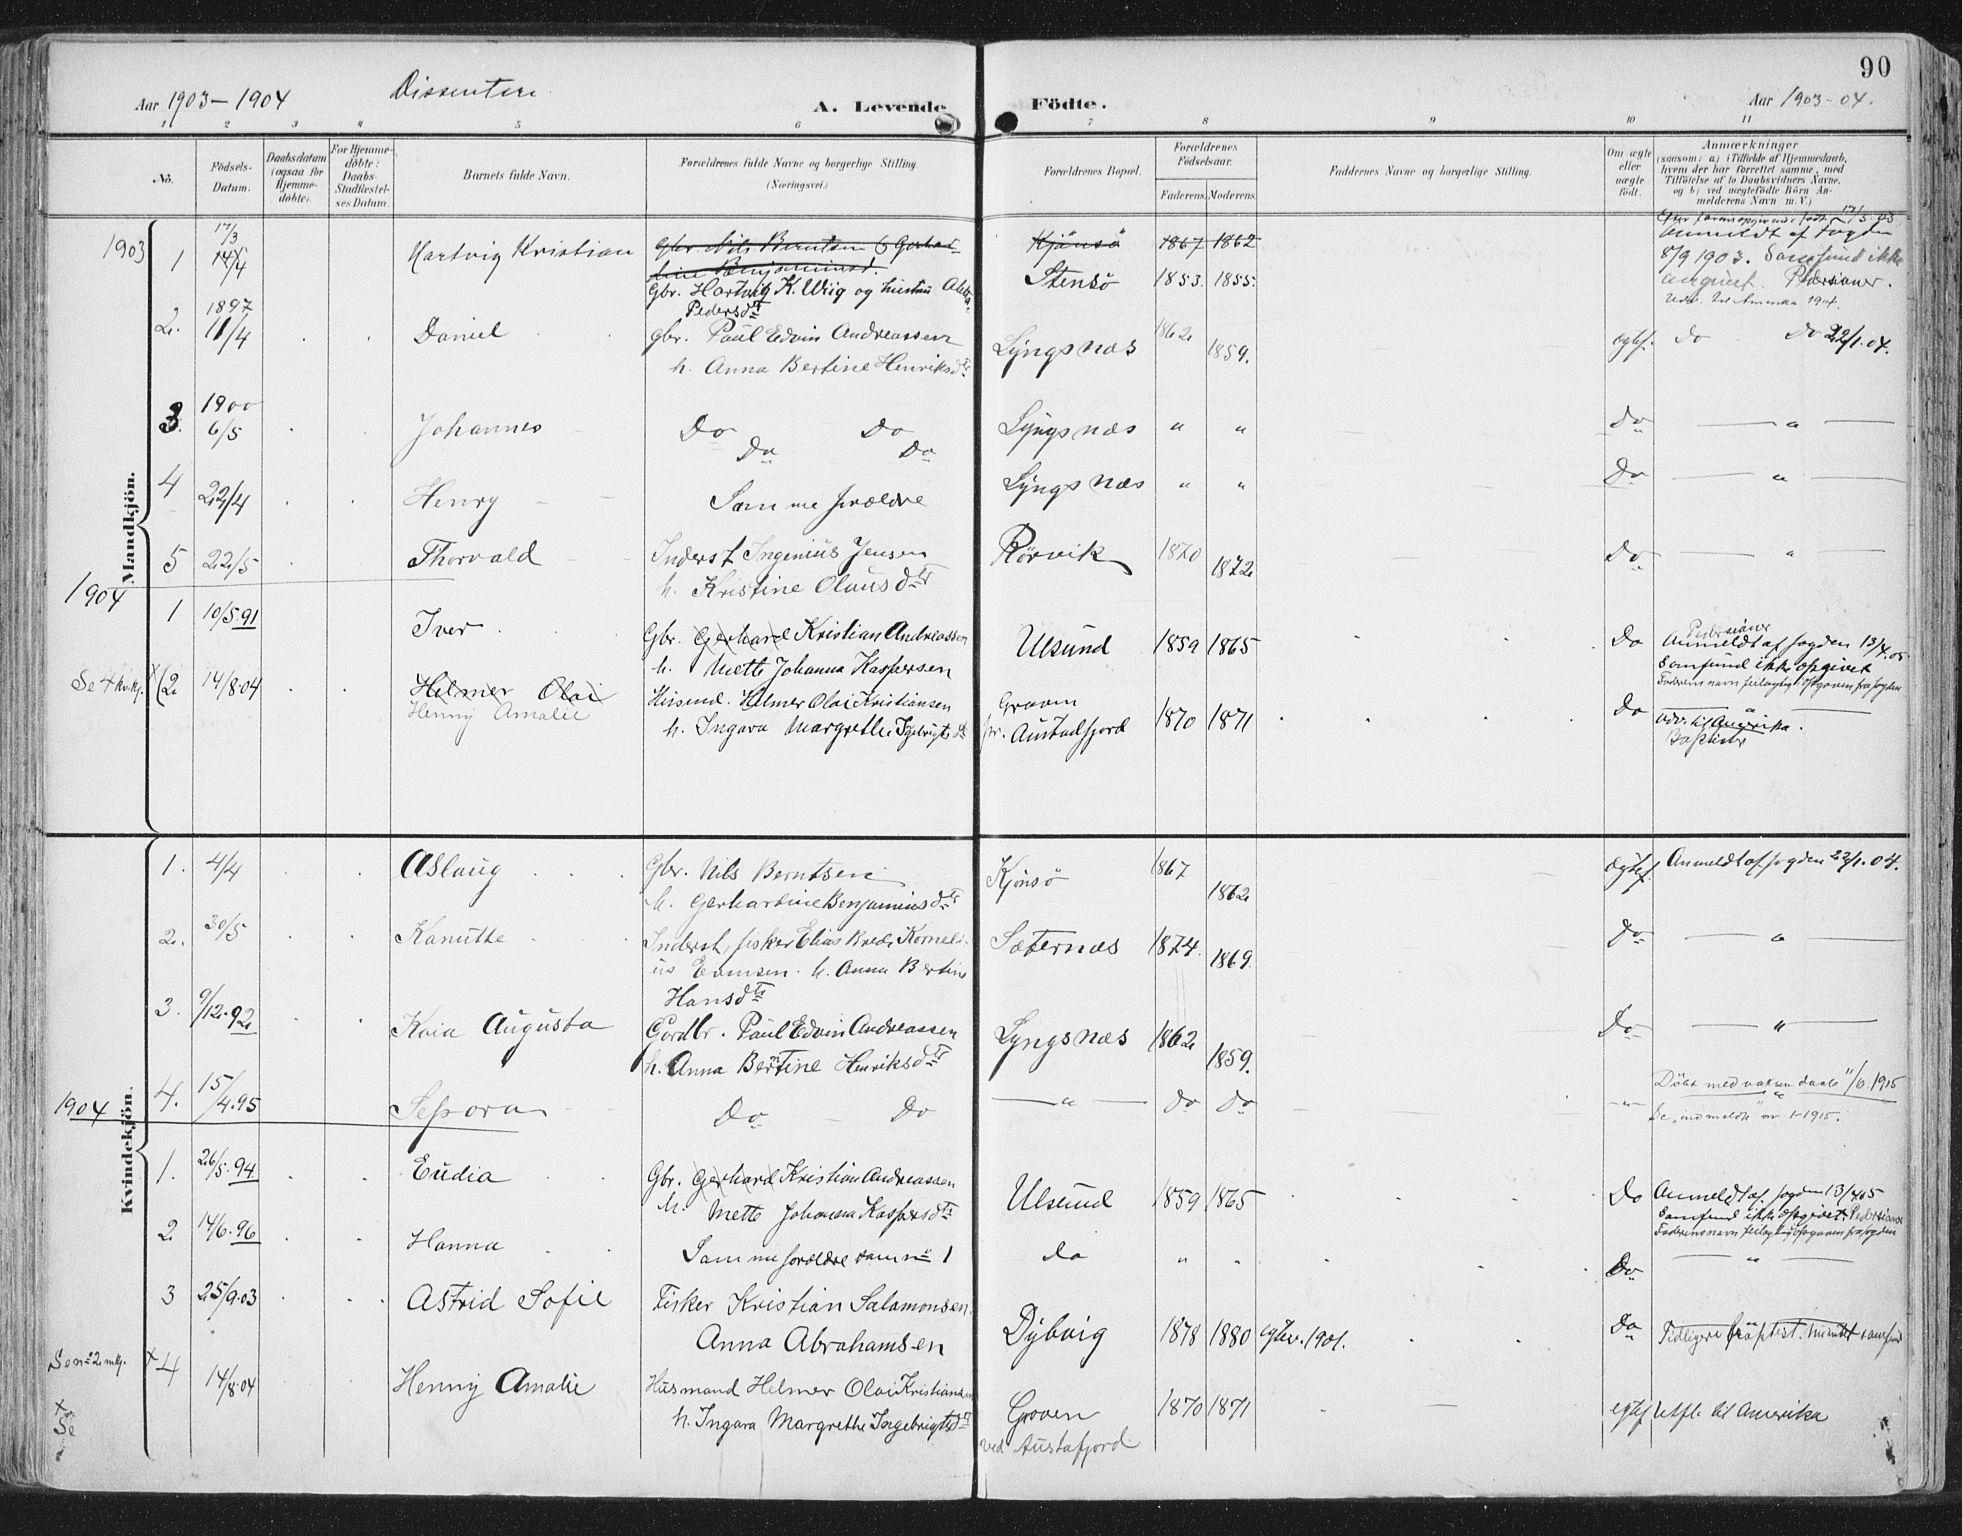 SAT, Ministerialprotokoller, klokkerbøker og fødselsregistre - Nord-Trøndelag, 786/L0688: Ministerialbok nr. 786A04, 1899-1912, s. 90